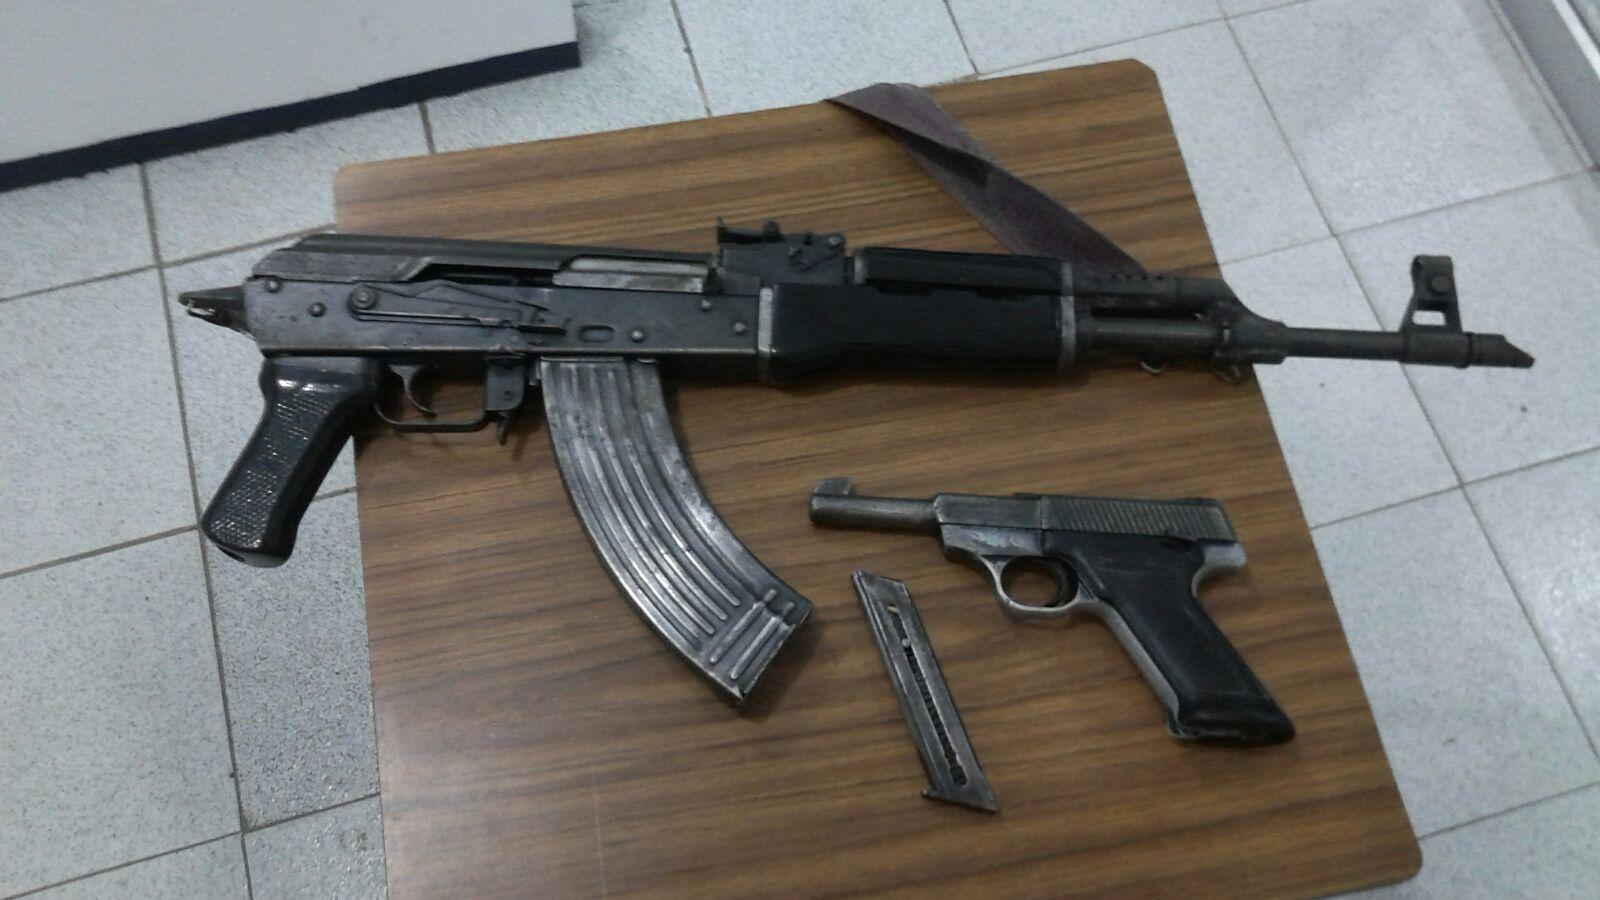 Intervienen a sujeto con armas de fuego noticias tlapacoyan for Muebles para guardar armas de fuego